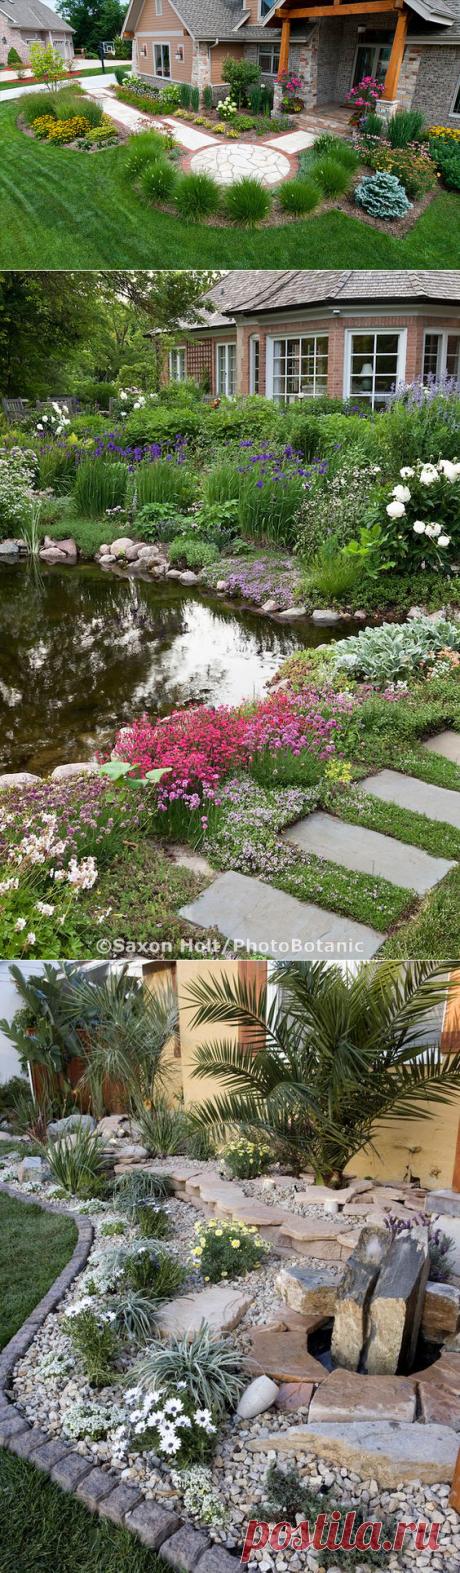 Ландшафтный дизайн садовых участков и патио